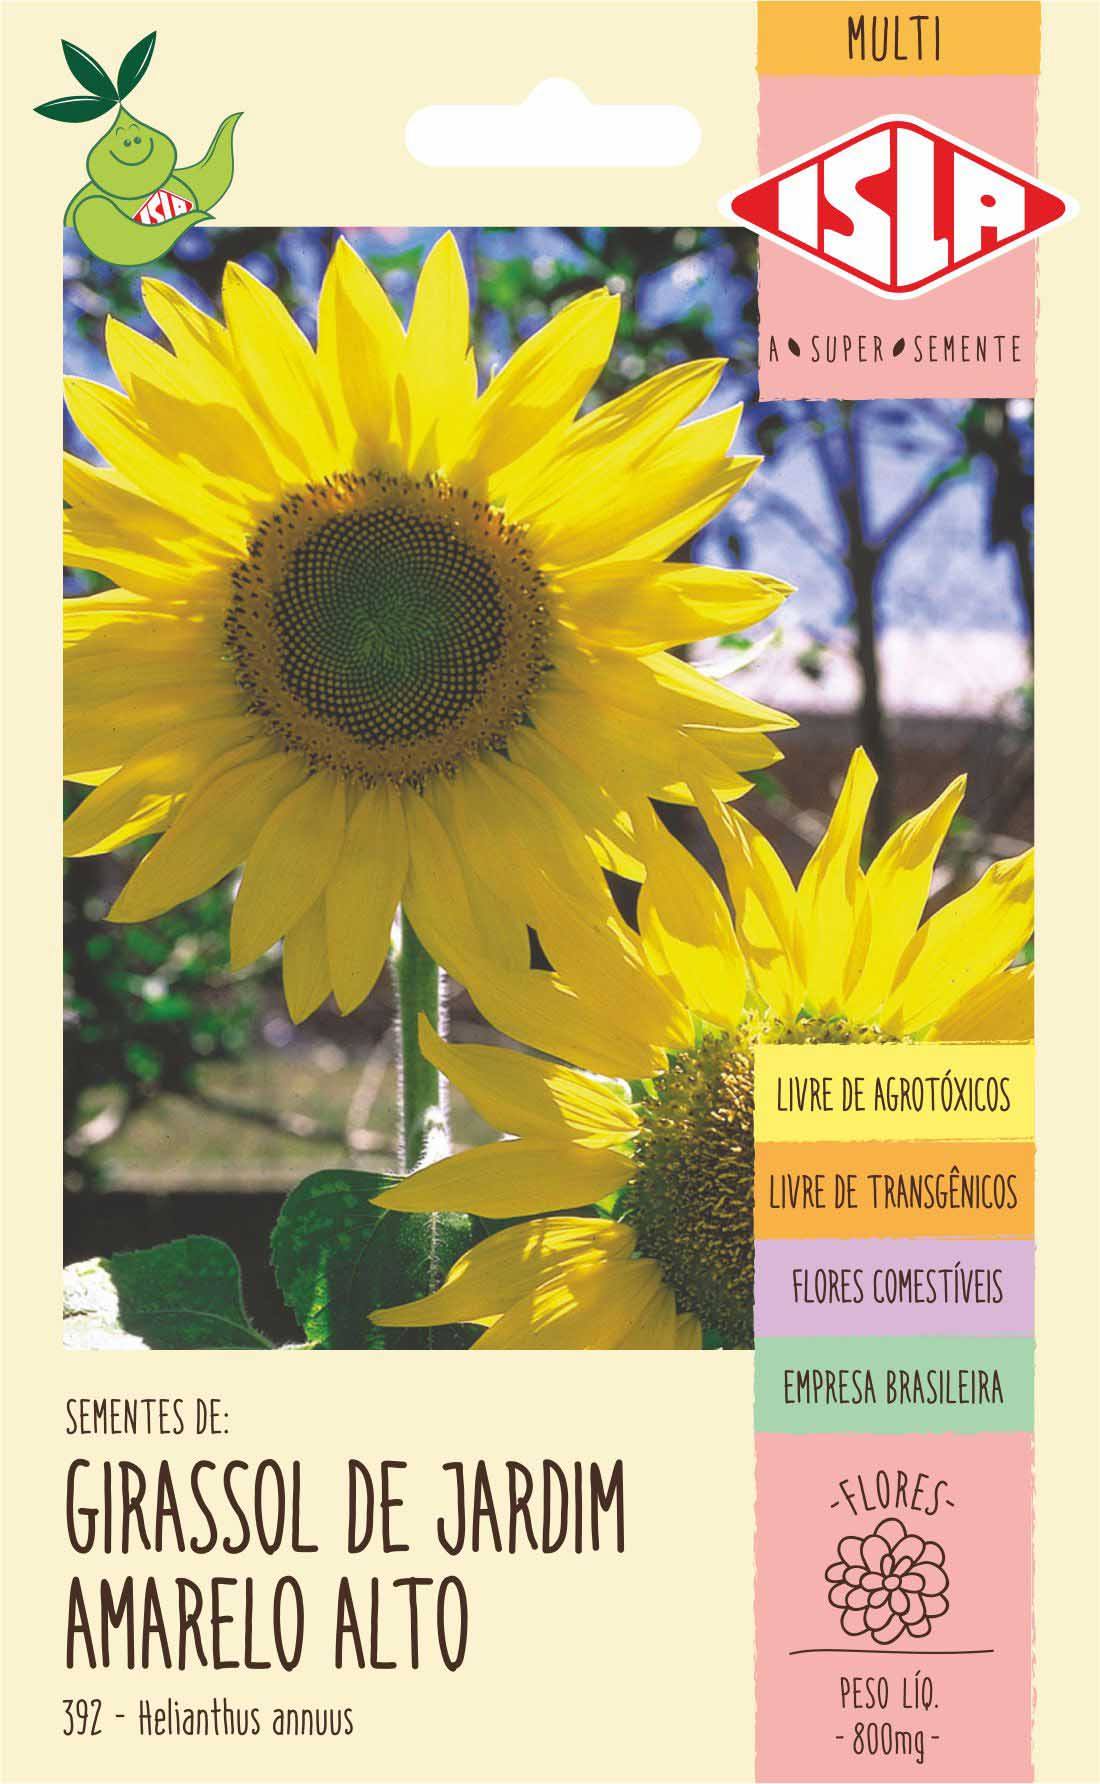 Sementes de Girassol de Jardim Amarelo Alto - Isla Multi